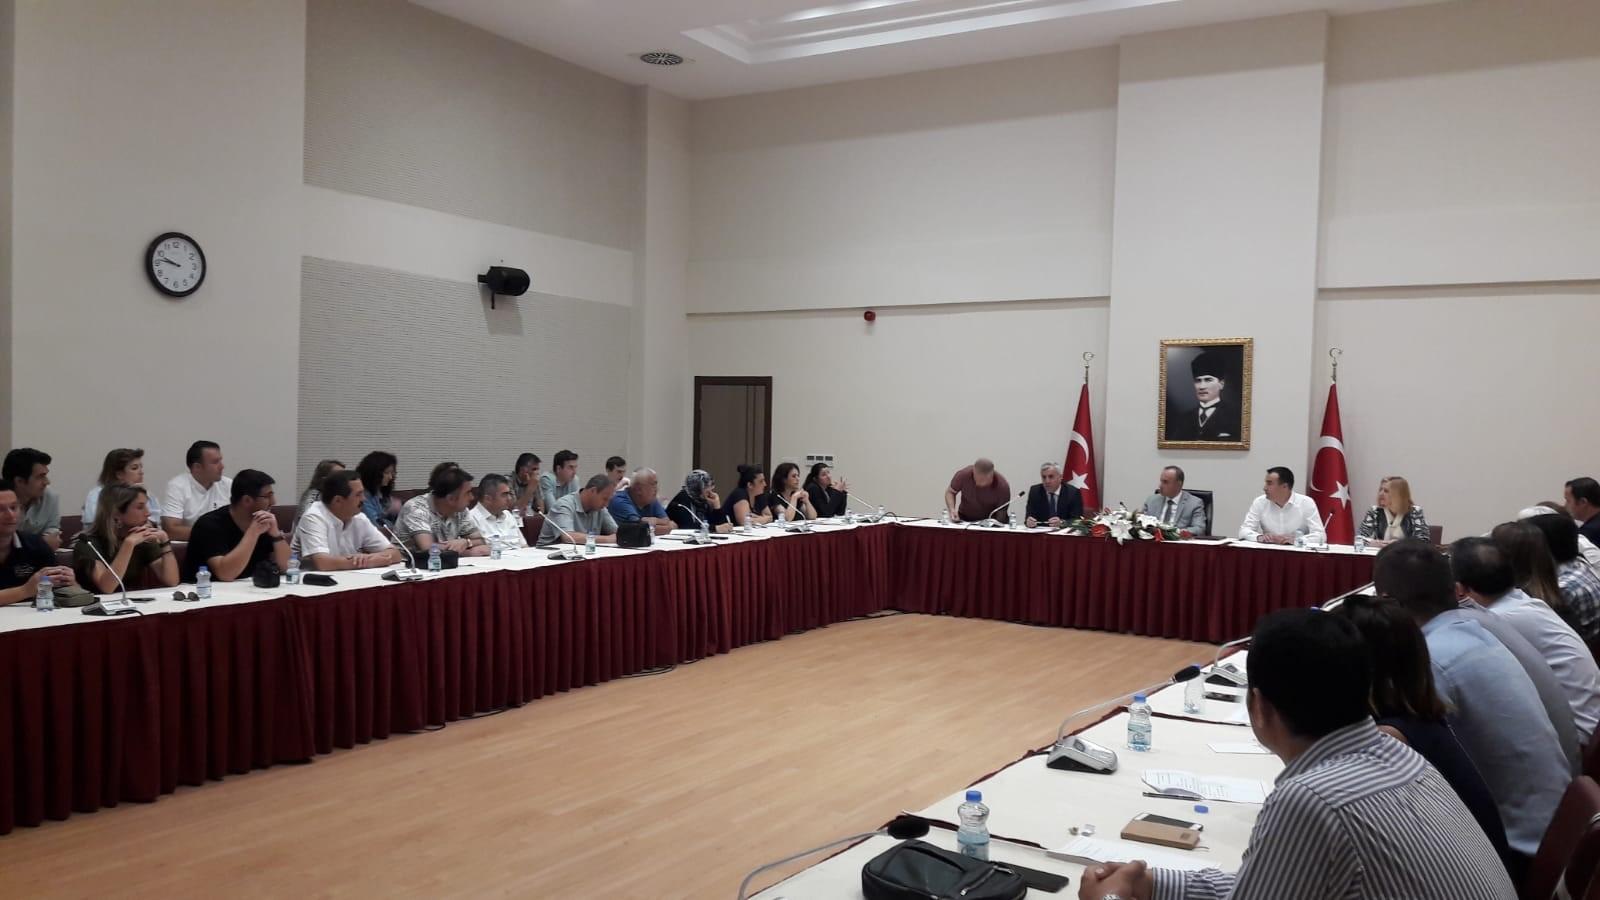 İl Müdürlükleri istişare toplantılarının dördüncüsü Kocaeli Çevre ve Şehircilik İl Müdürlüğü'nde gerçekleştirildi.